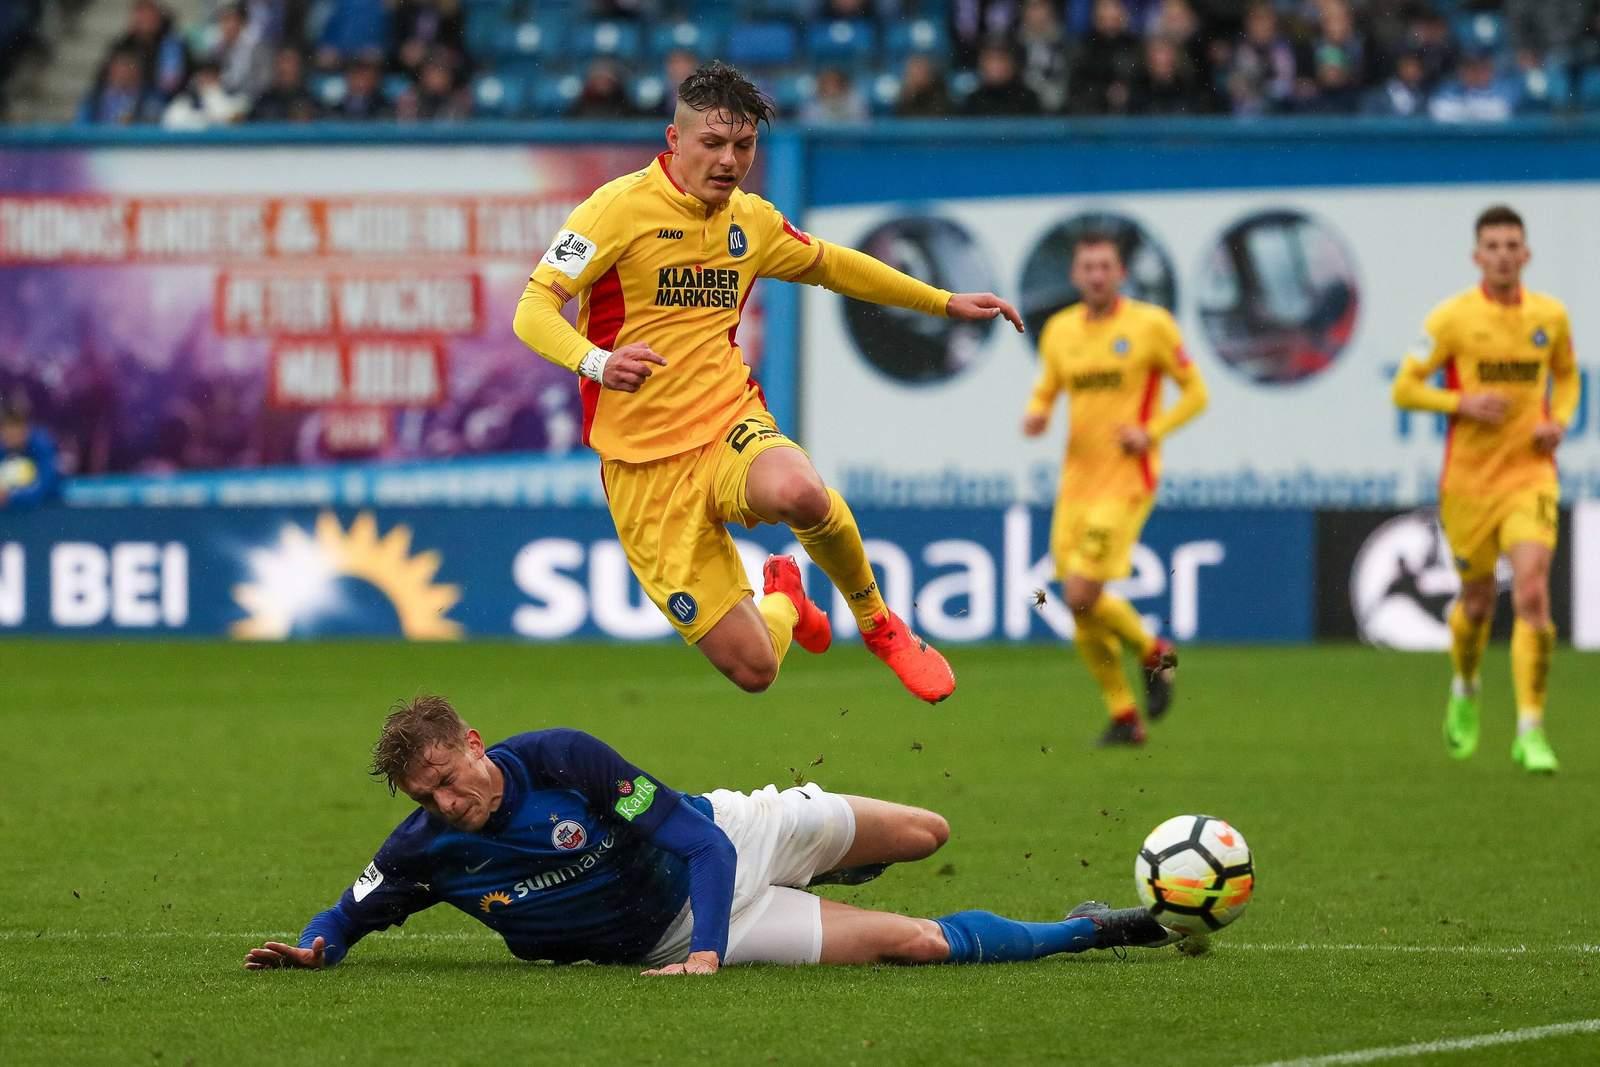 Florent Muslija gegen Oliver Hüsing. Jetzt auf die Partie KSC gegen Rostock wetten.